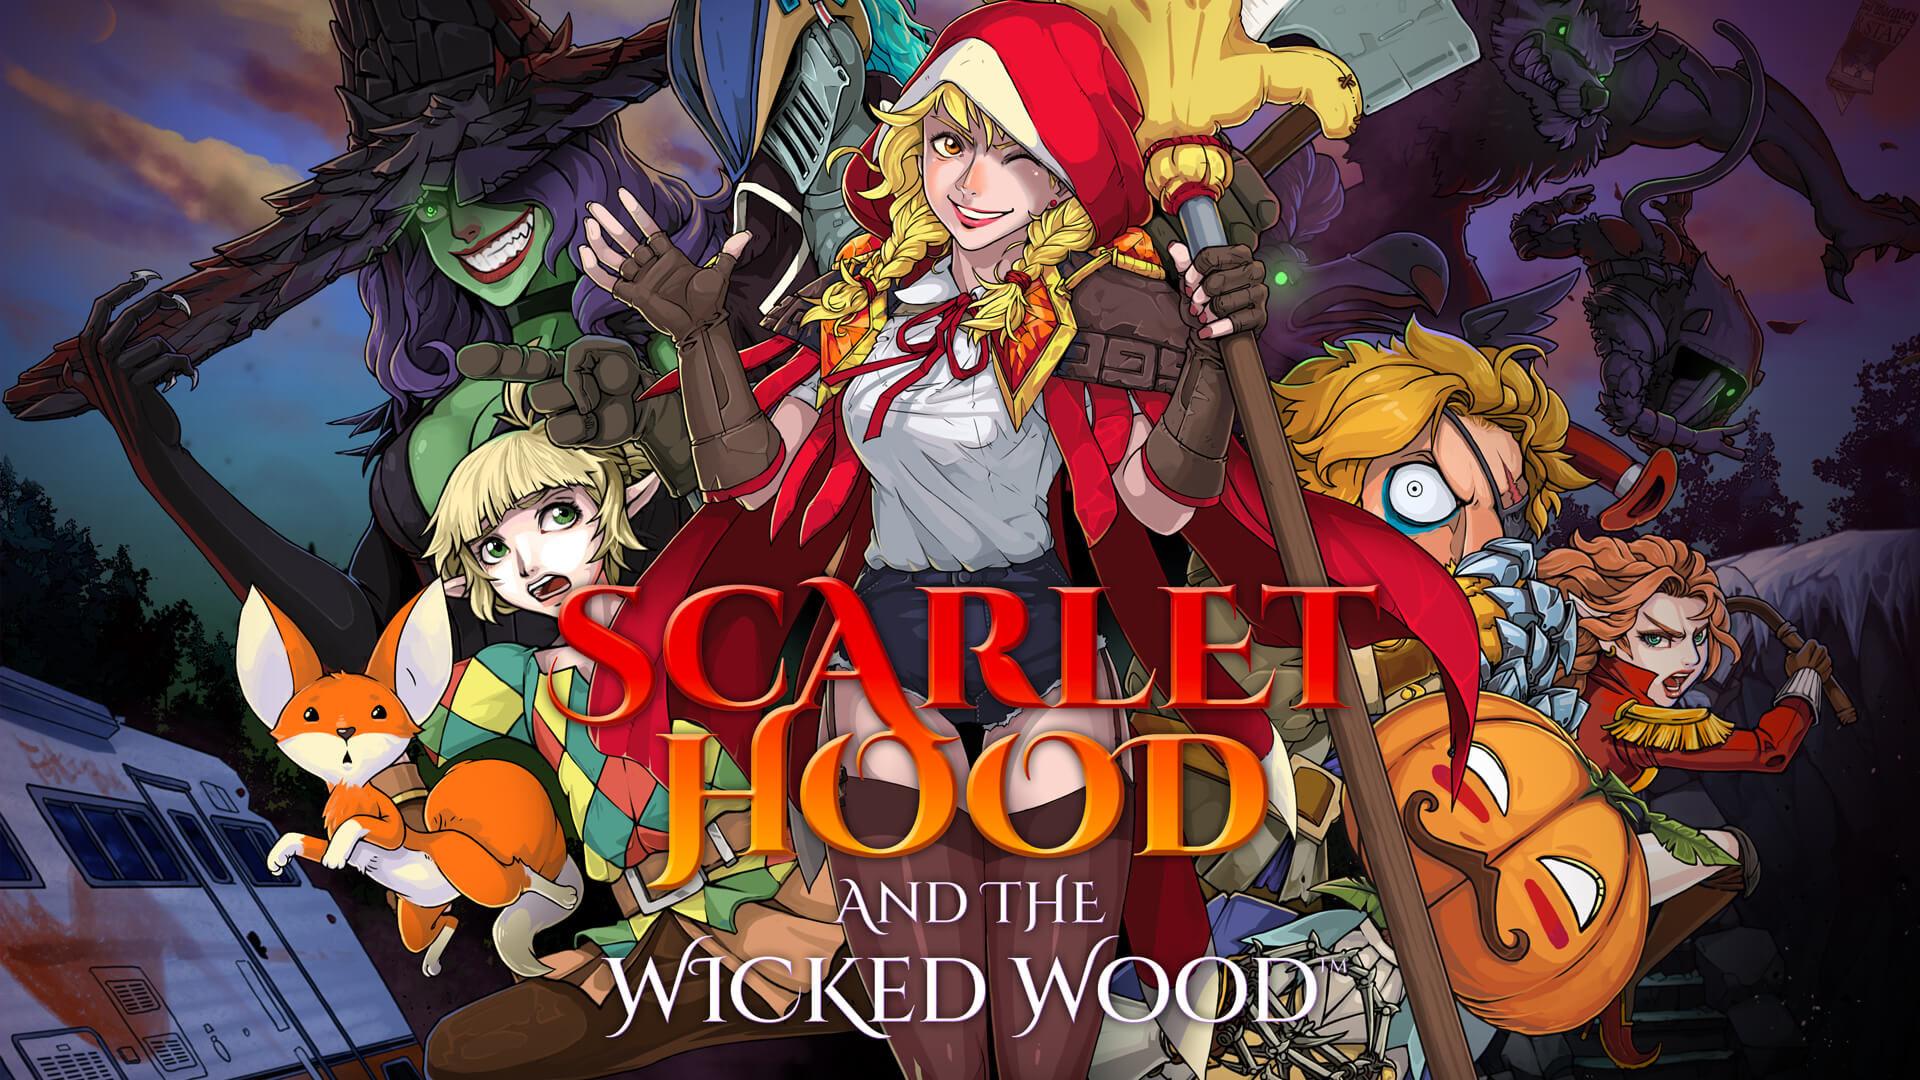 Scarlet-Wood